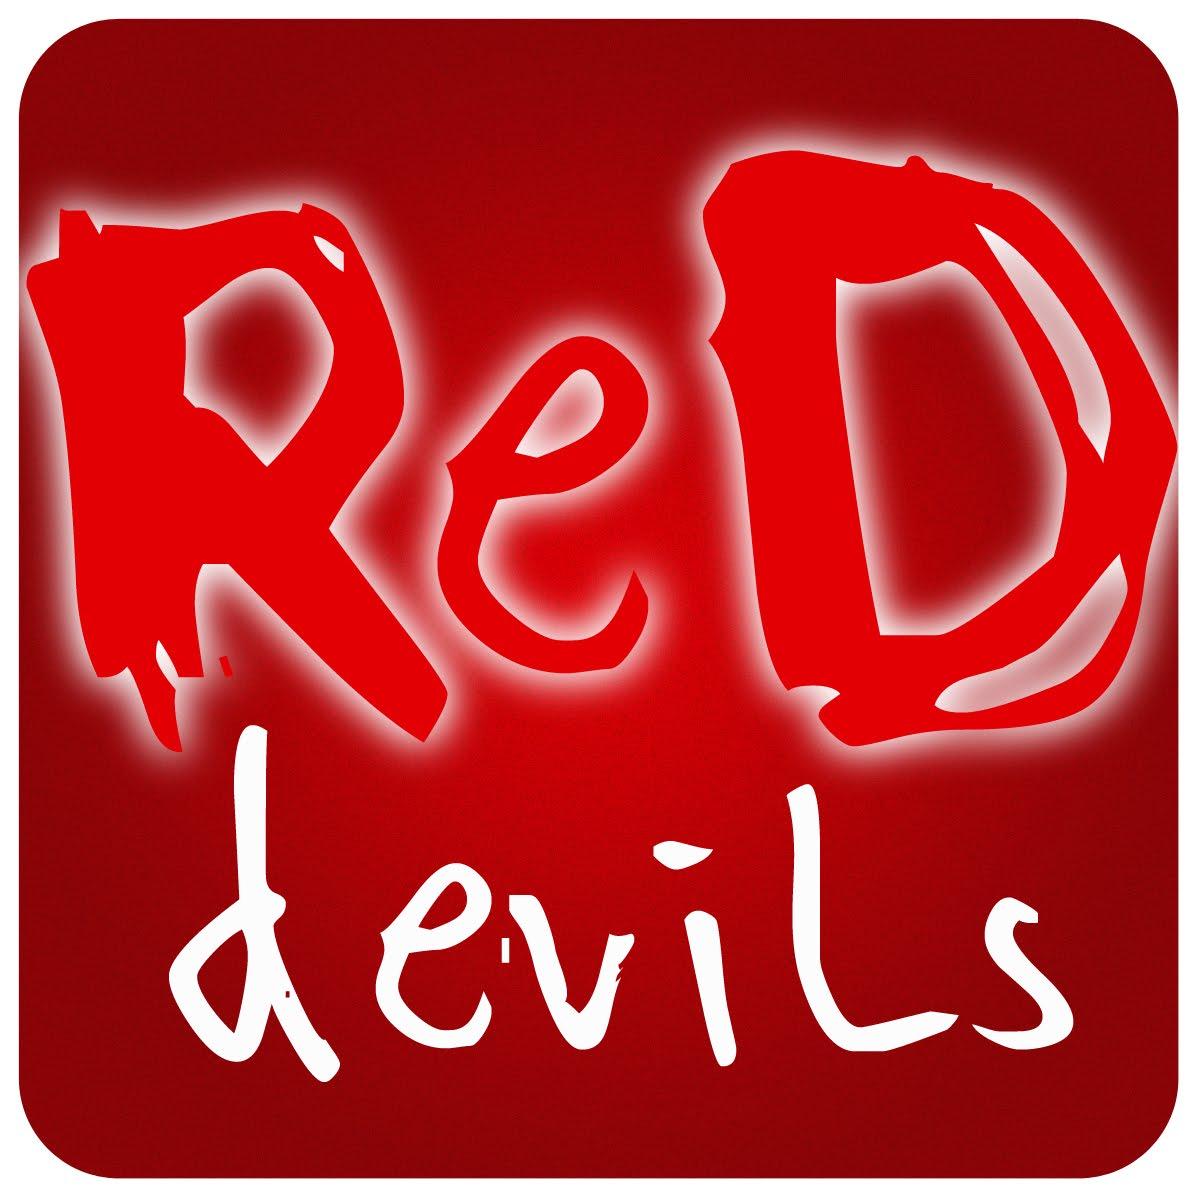 http://2.bp.blogspot.com/_xONIyjJVtHs/TJP760kZZBI/AAAAAAAAAI4/Uh9oMIF2Y4Y/s1600/rd+logo+copy.jpg